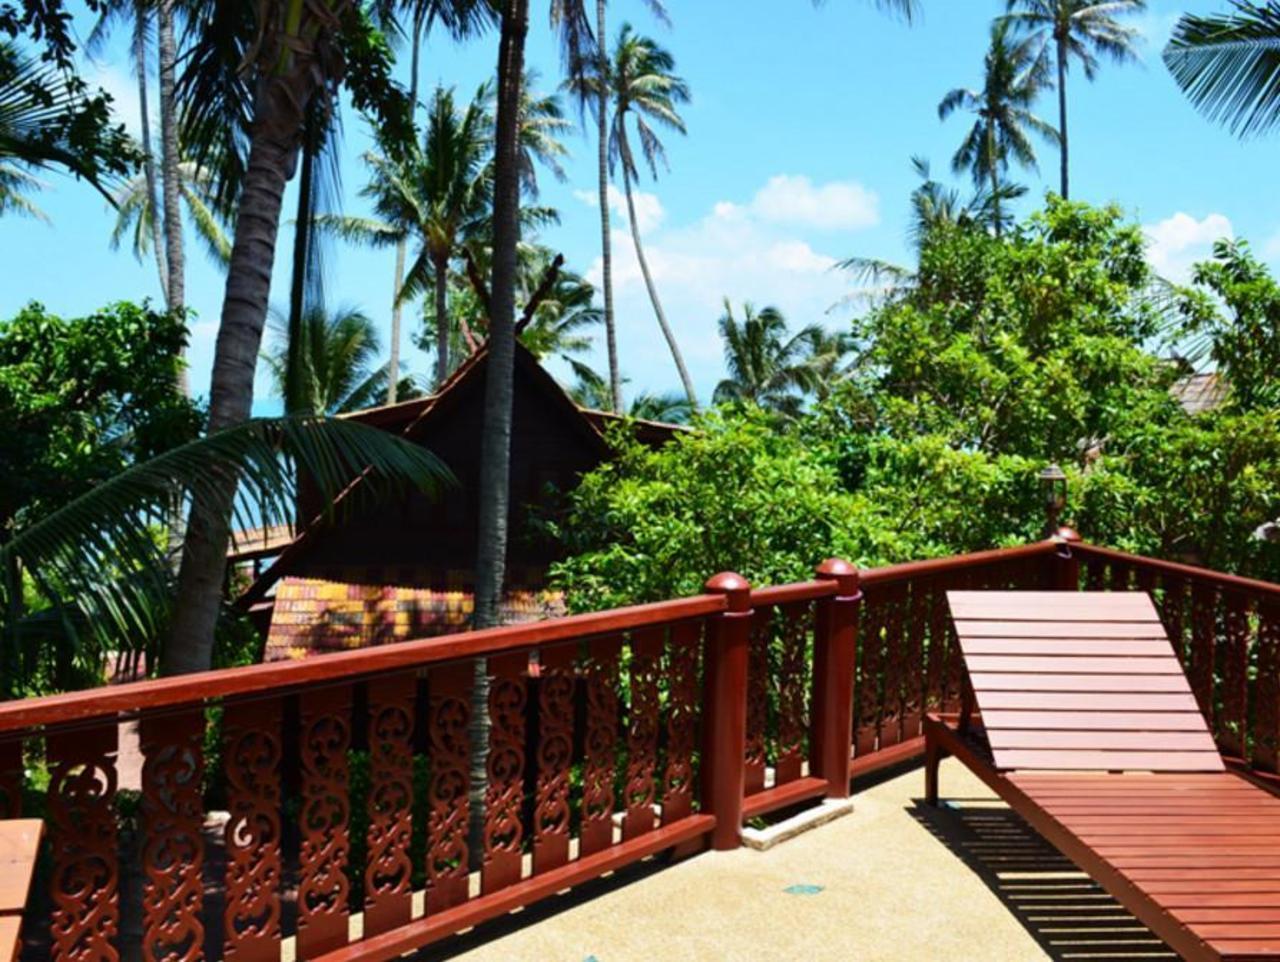 กรีน โคโคนัท 2 เบดรูม ซี บรีซ วิลลา บี 6 (Green Coconut 2 Bedroom Sea Breeze Villa B6)